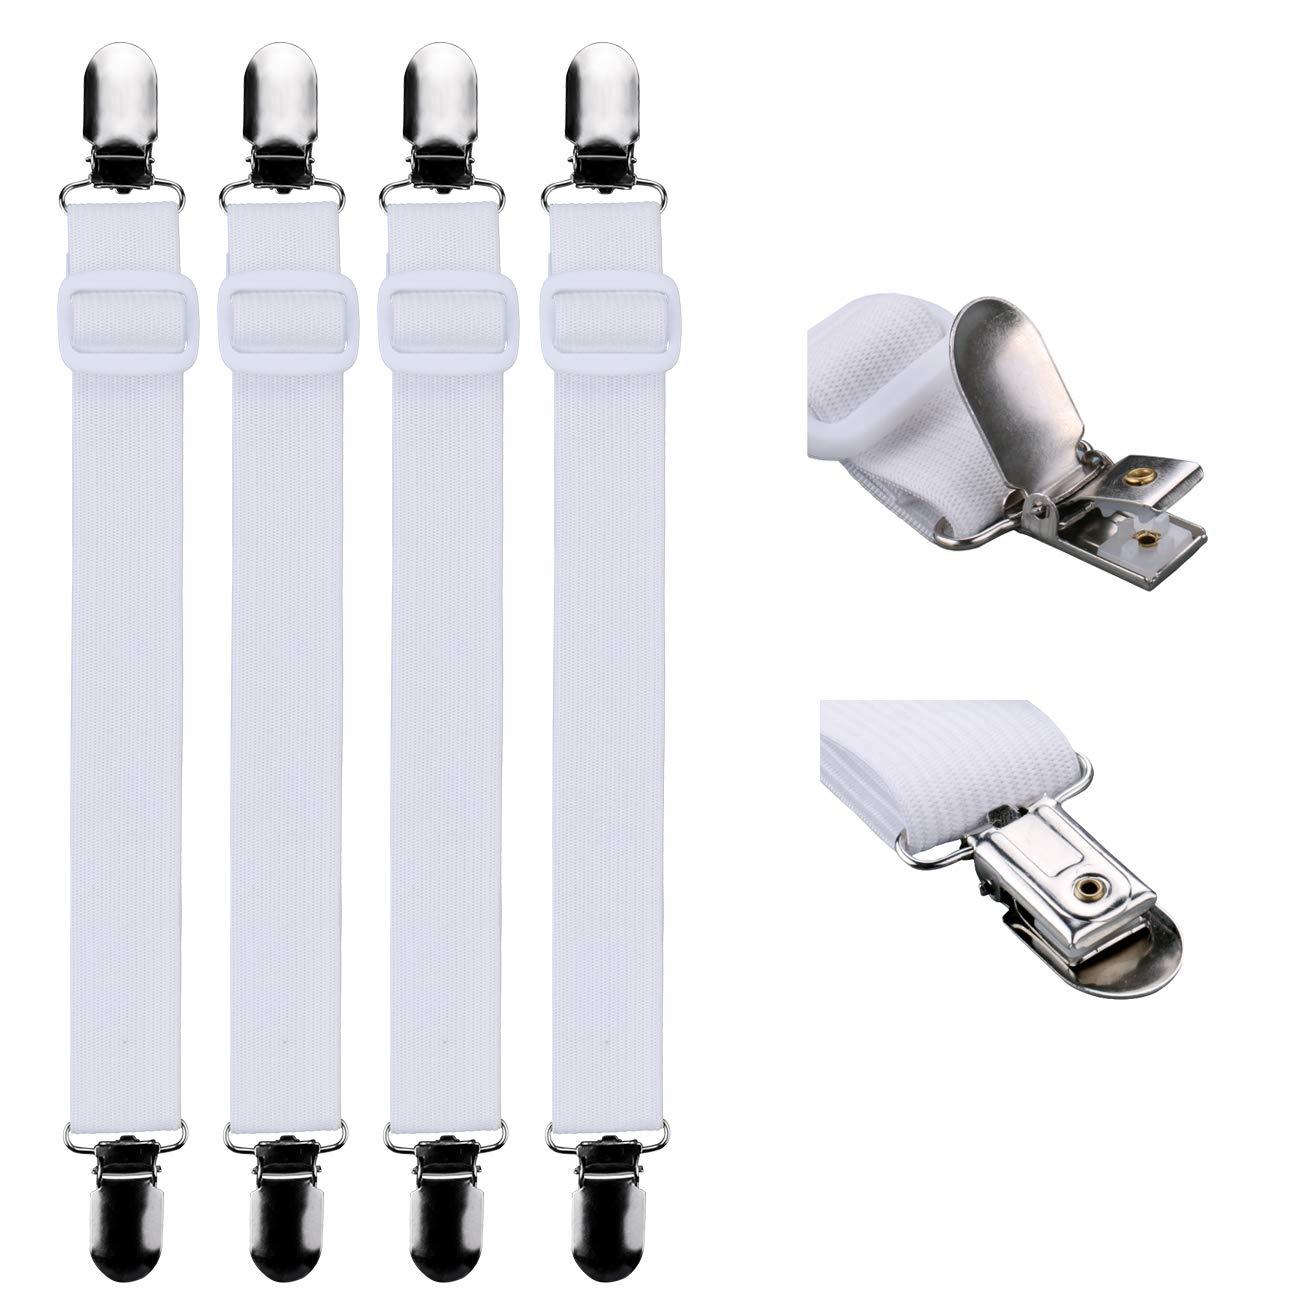 Luxbon 4Pcs Blanco Sujetadores de Sábana Ajustables Clips de Lámina Tirantes Sabanas Elásticos Correas Sostenedores Pinzas para Sábanas de Sofá Fundas de Colchón